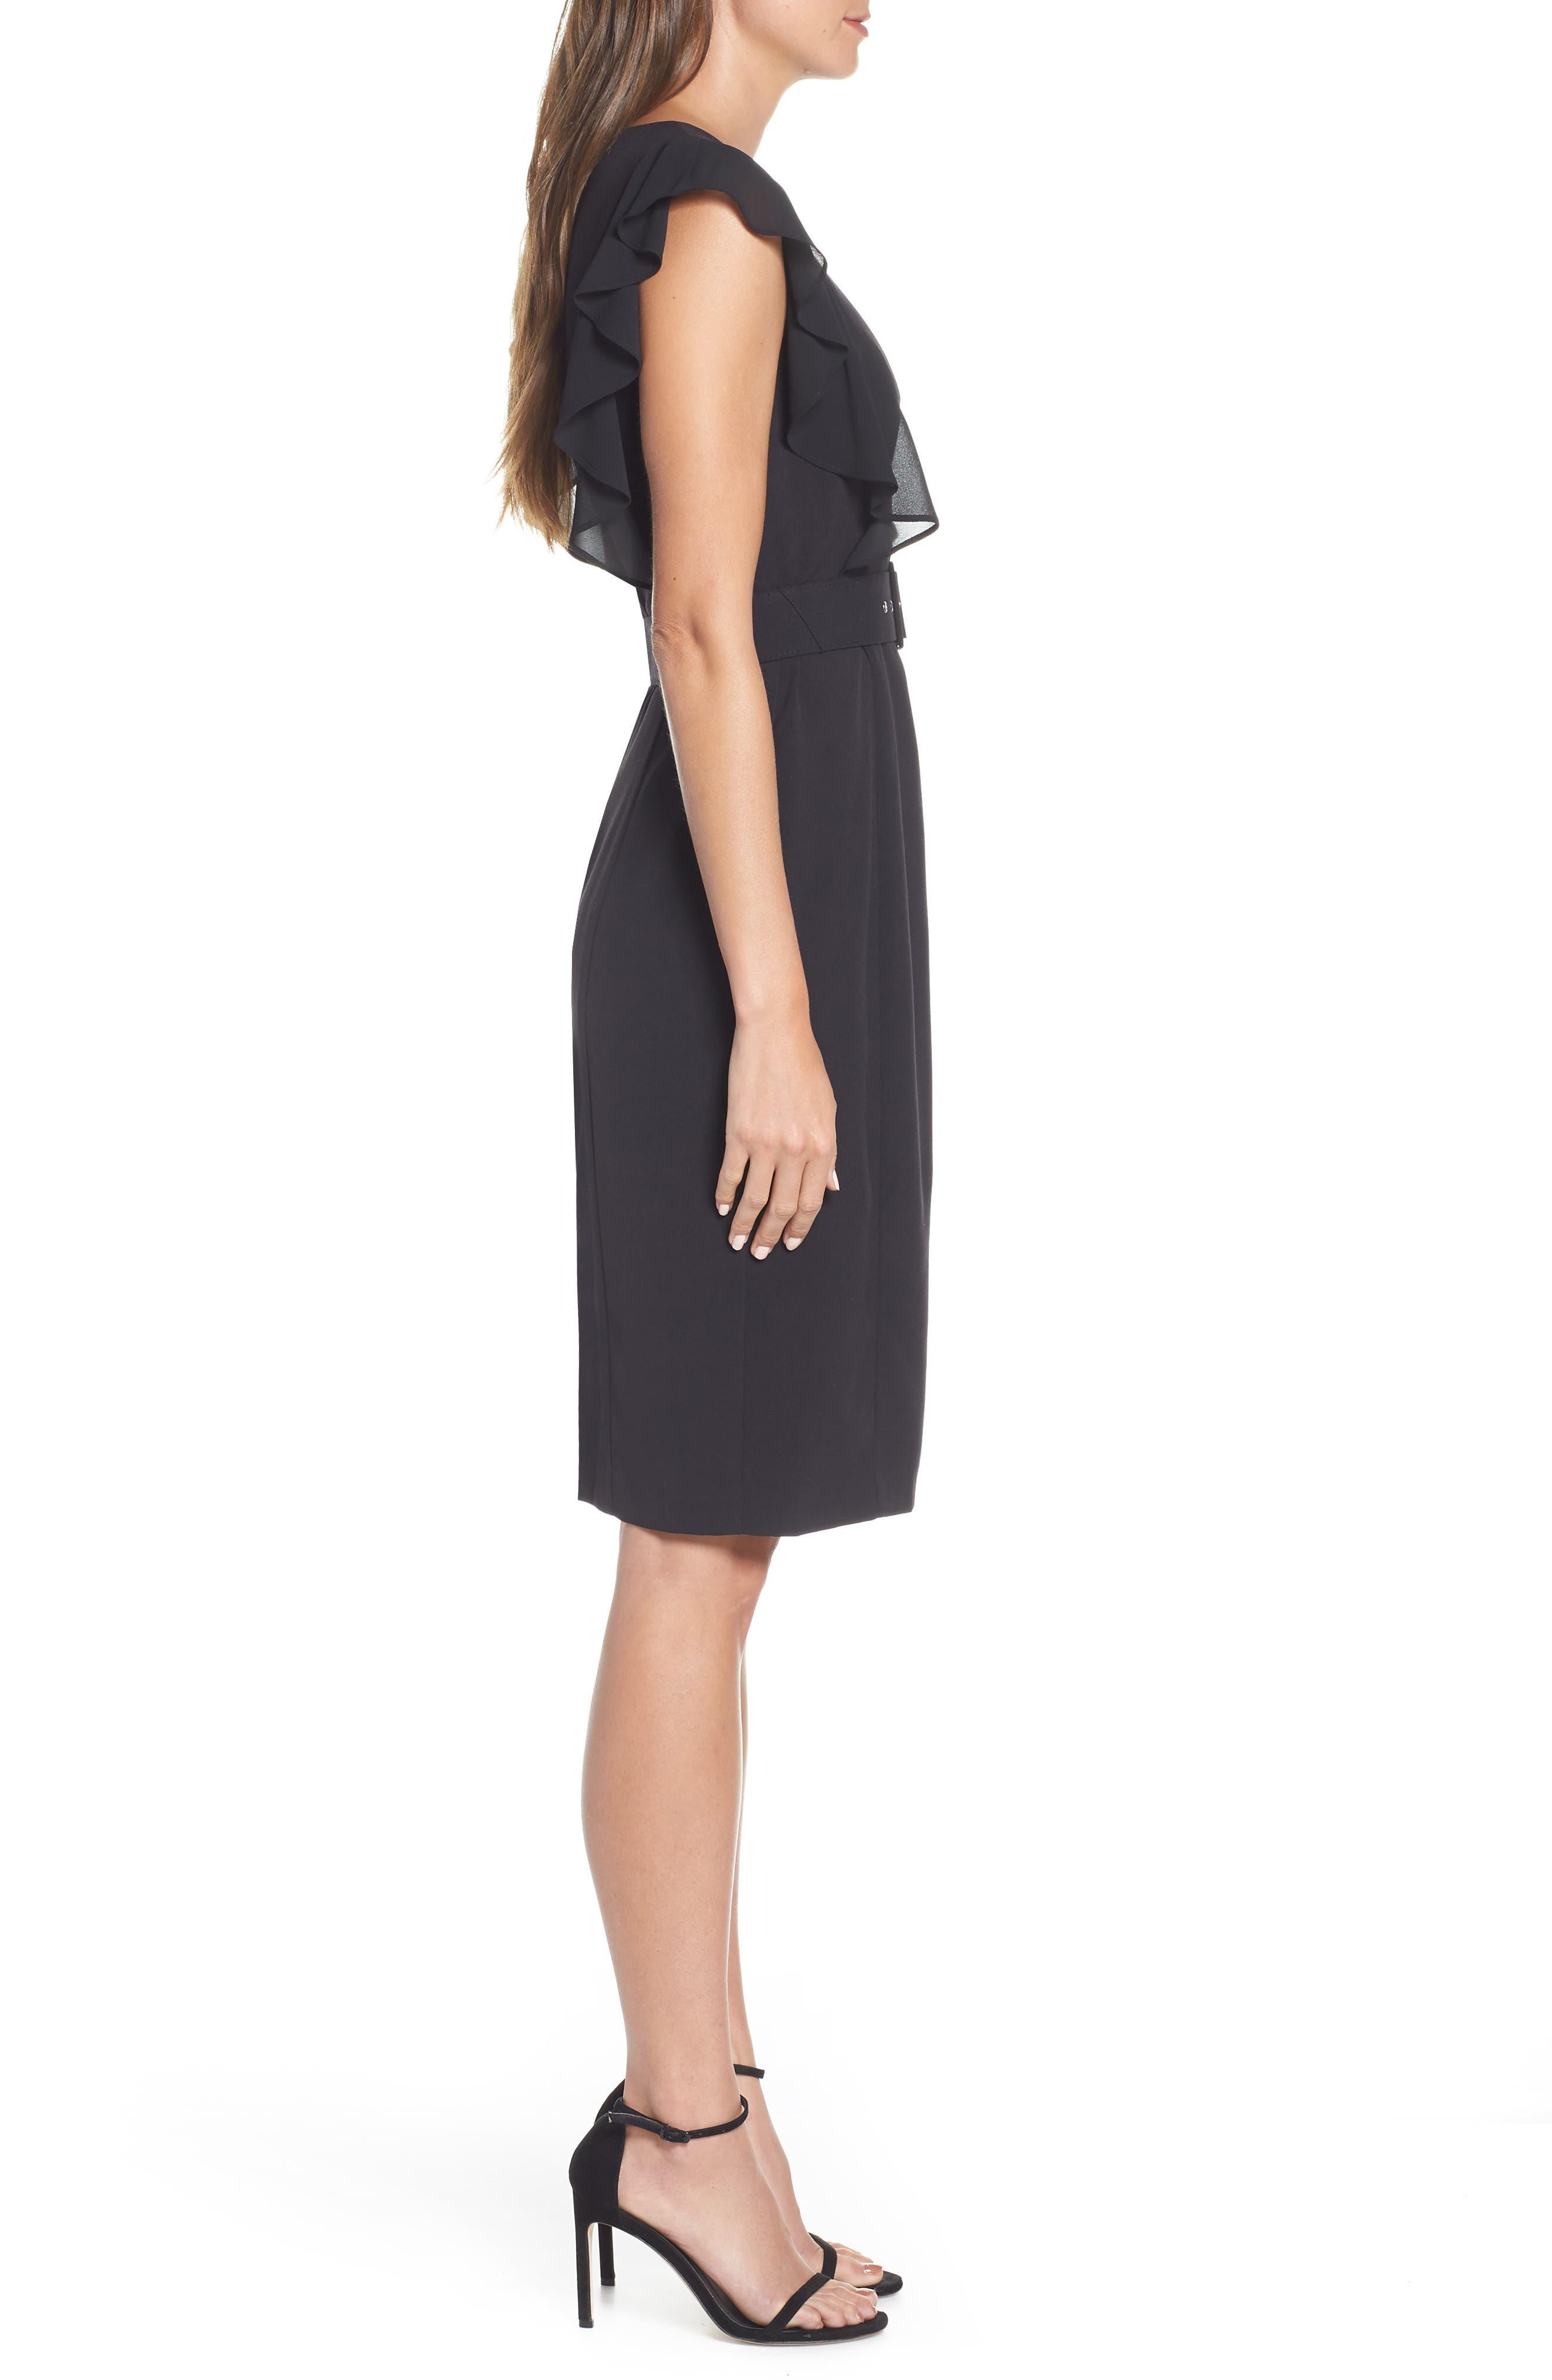 HARPER ROSE, Belted Sheath Dress, Alternate thumbnail 5, color, 001